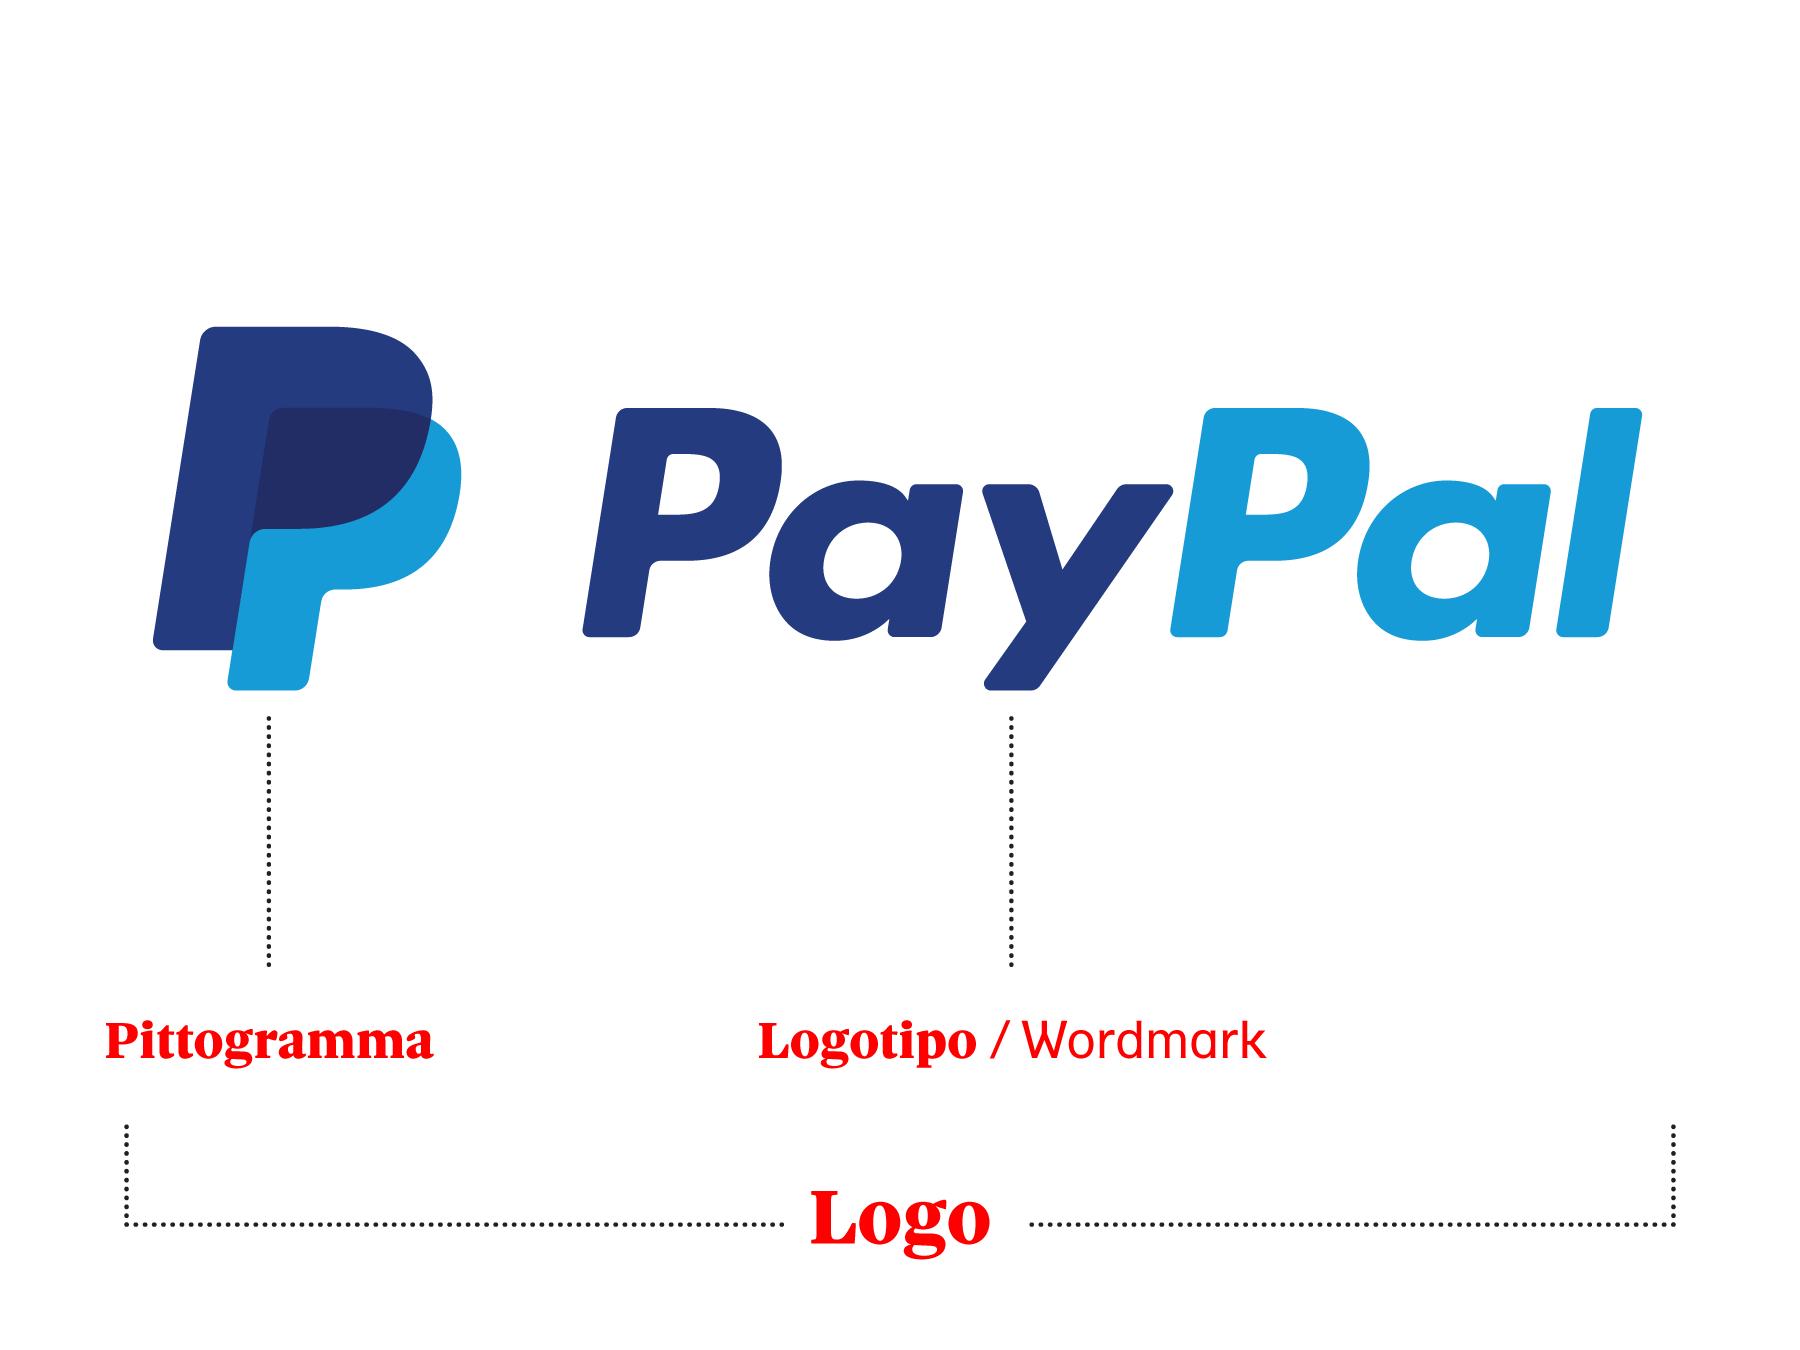 Un logo può essere costituito da un pittogramma unito ad un logotipo